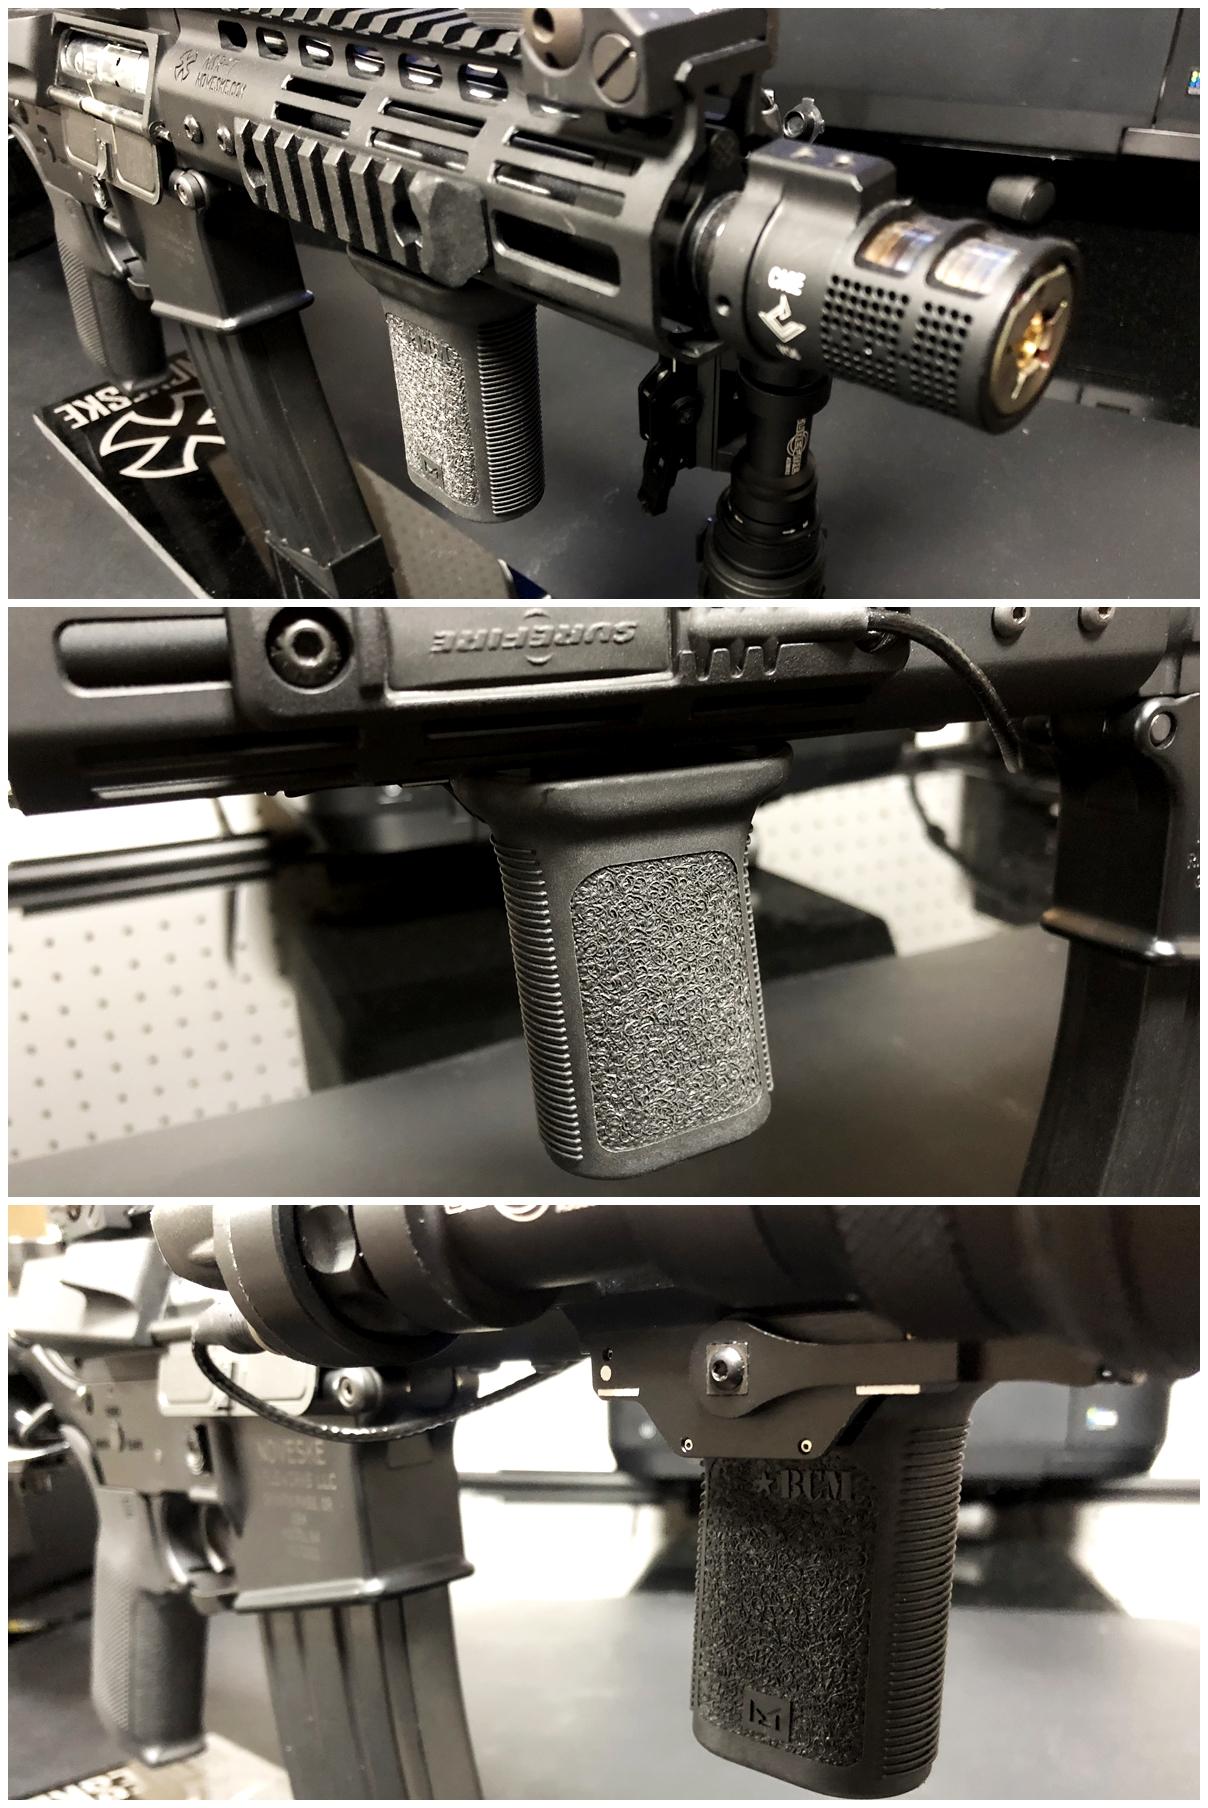 12 実物 BCM GUNFIGHTER VERTICAL GRIP MOD3 M-LOK Compatible ガンファイター バーティカル グリップ 実物 & レプリカ 違い 検証 取付 交換 正規品 新品 開封 カスタム レビュー